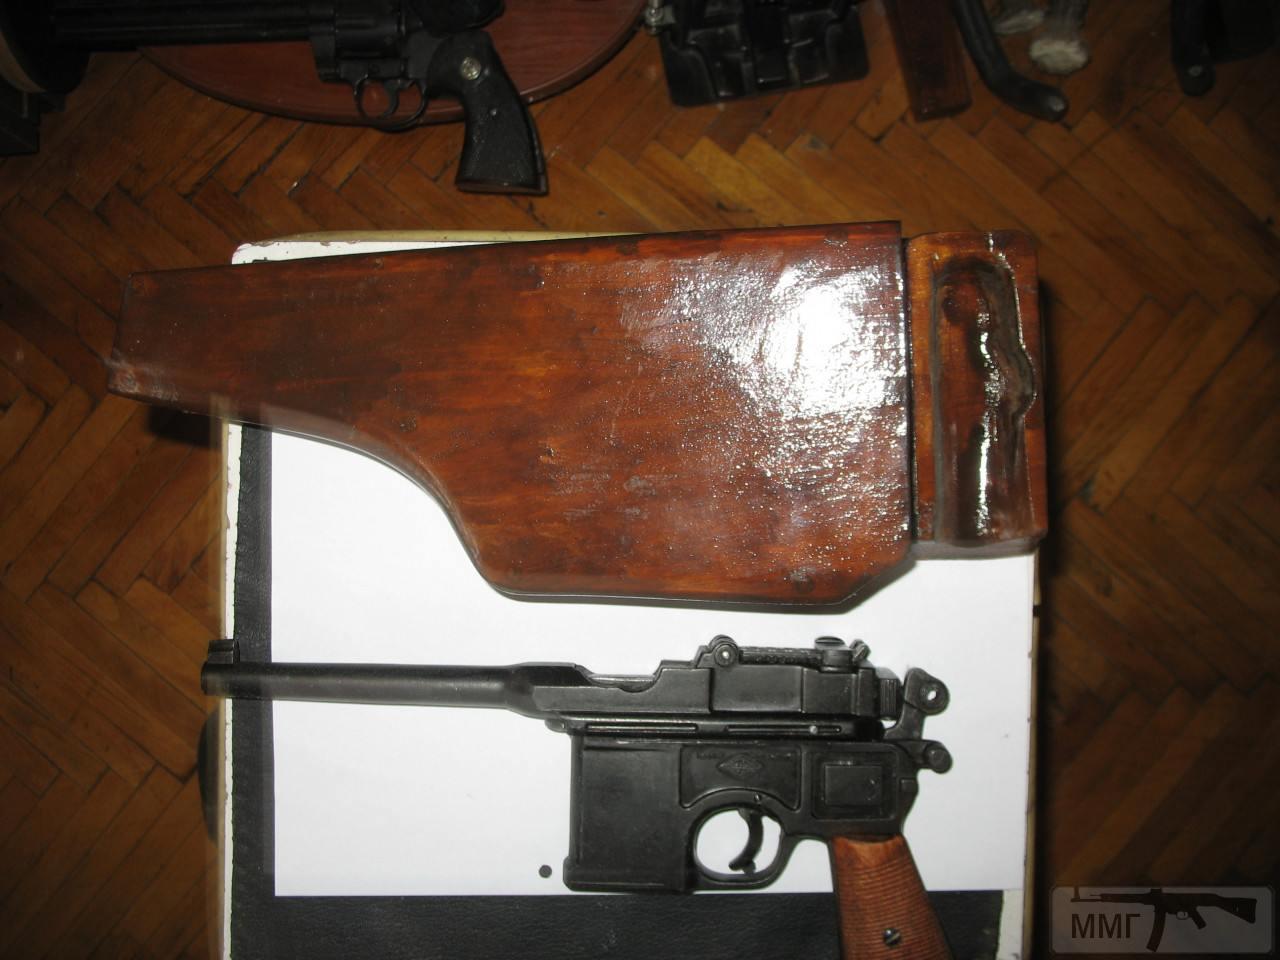 87556 - Шукаю репліки пістолетів